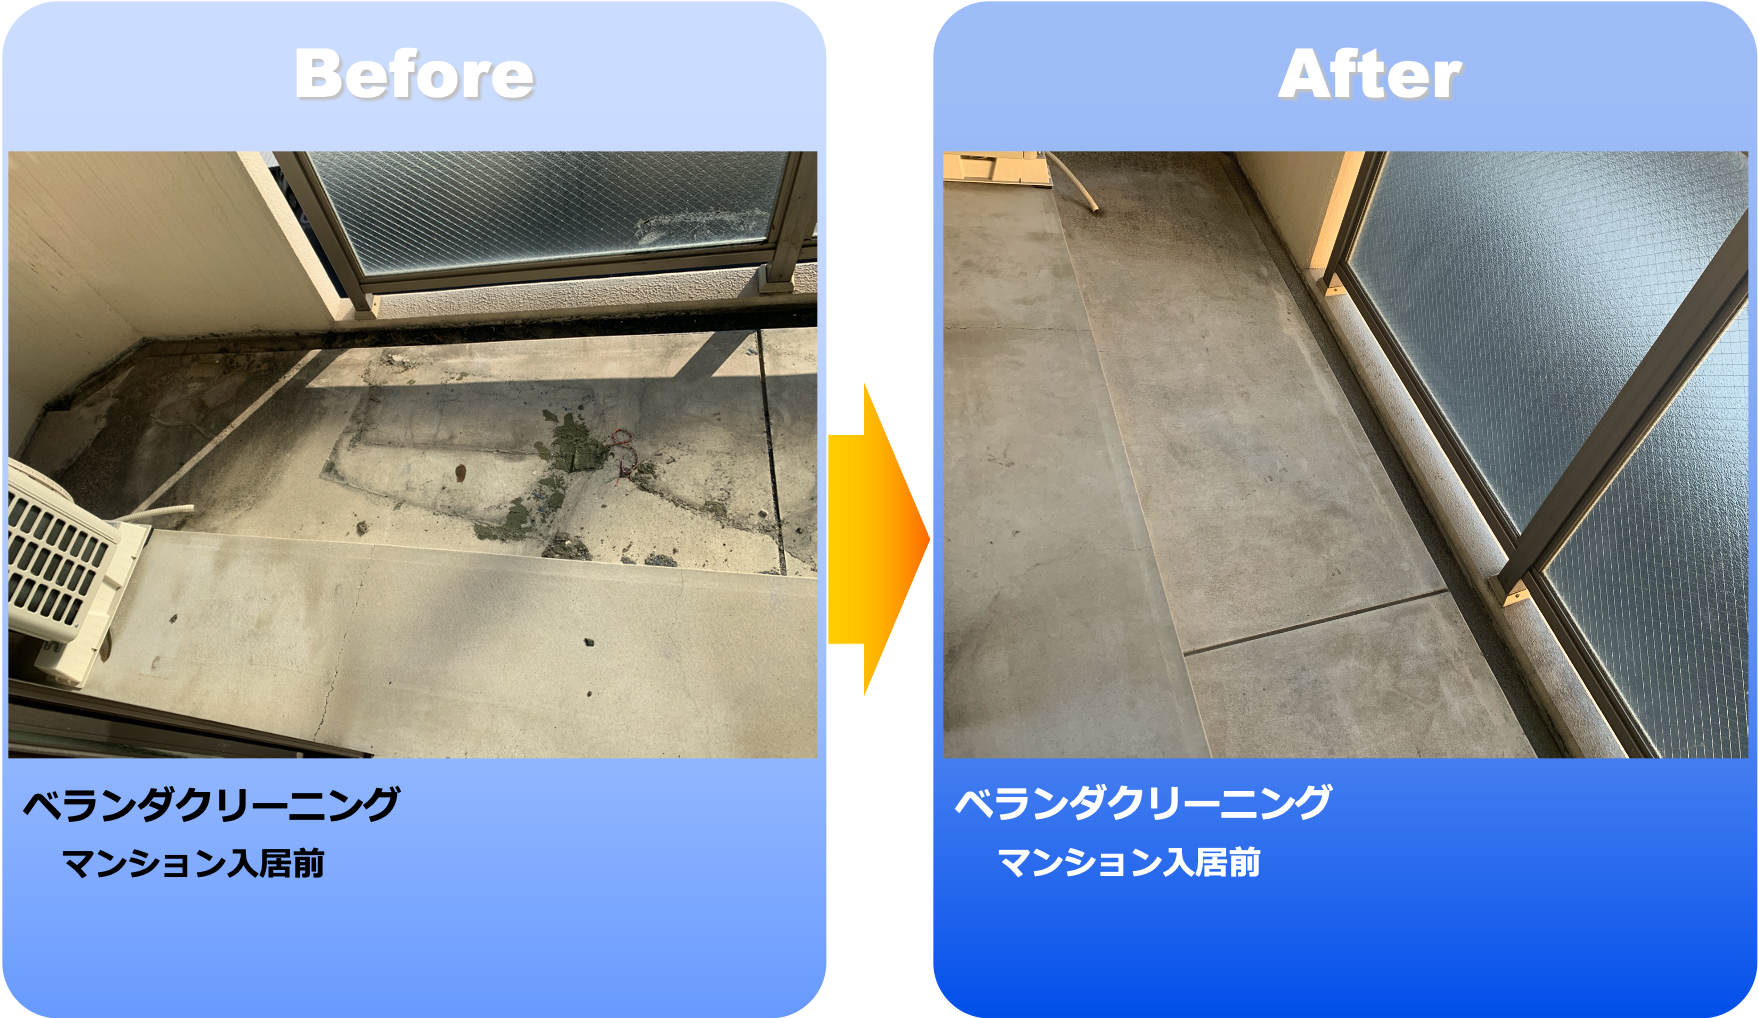 ベランダクリーニング、名古屋ハウスクリーニング、清掃画像